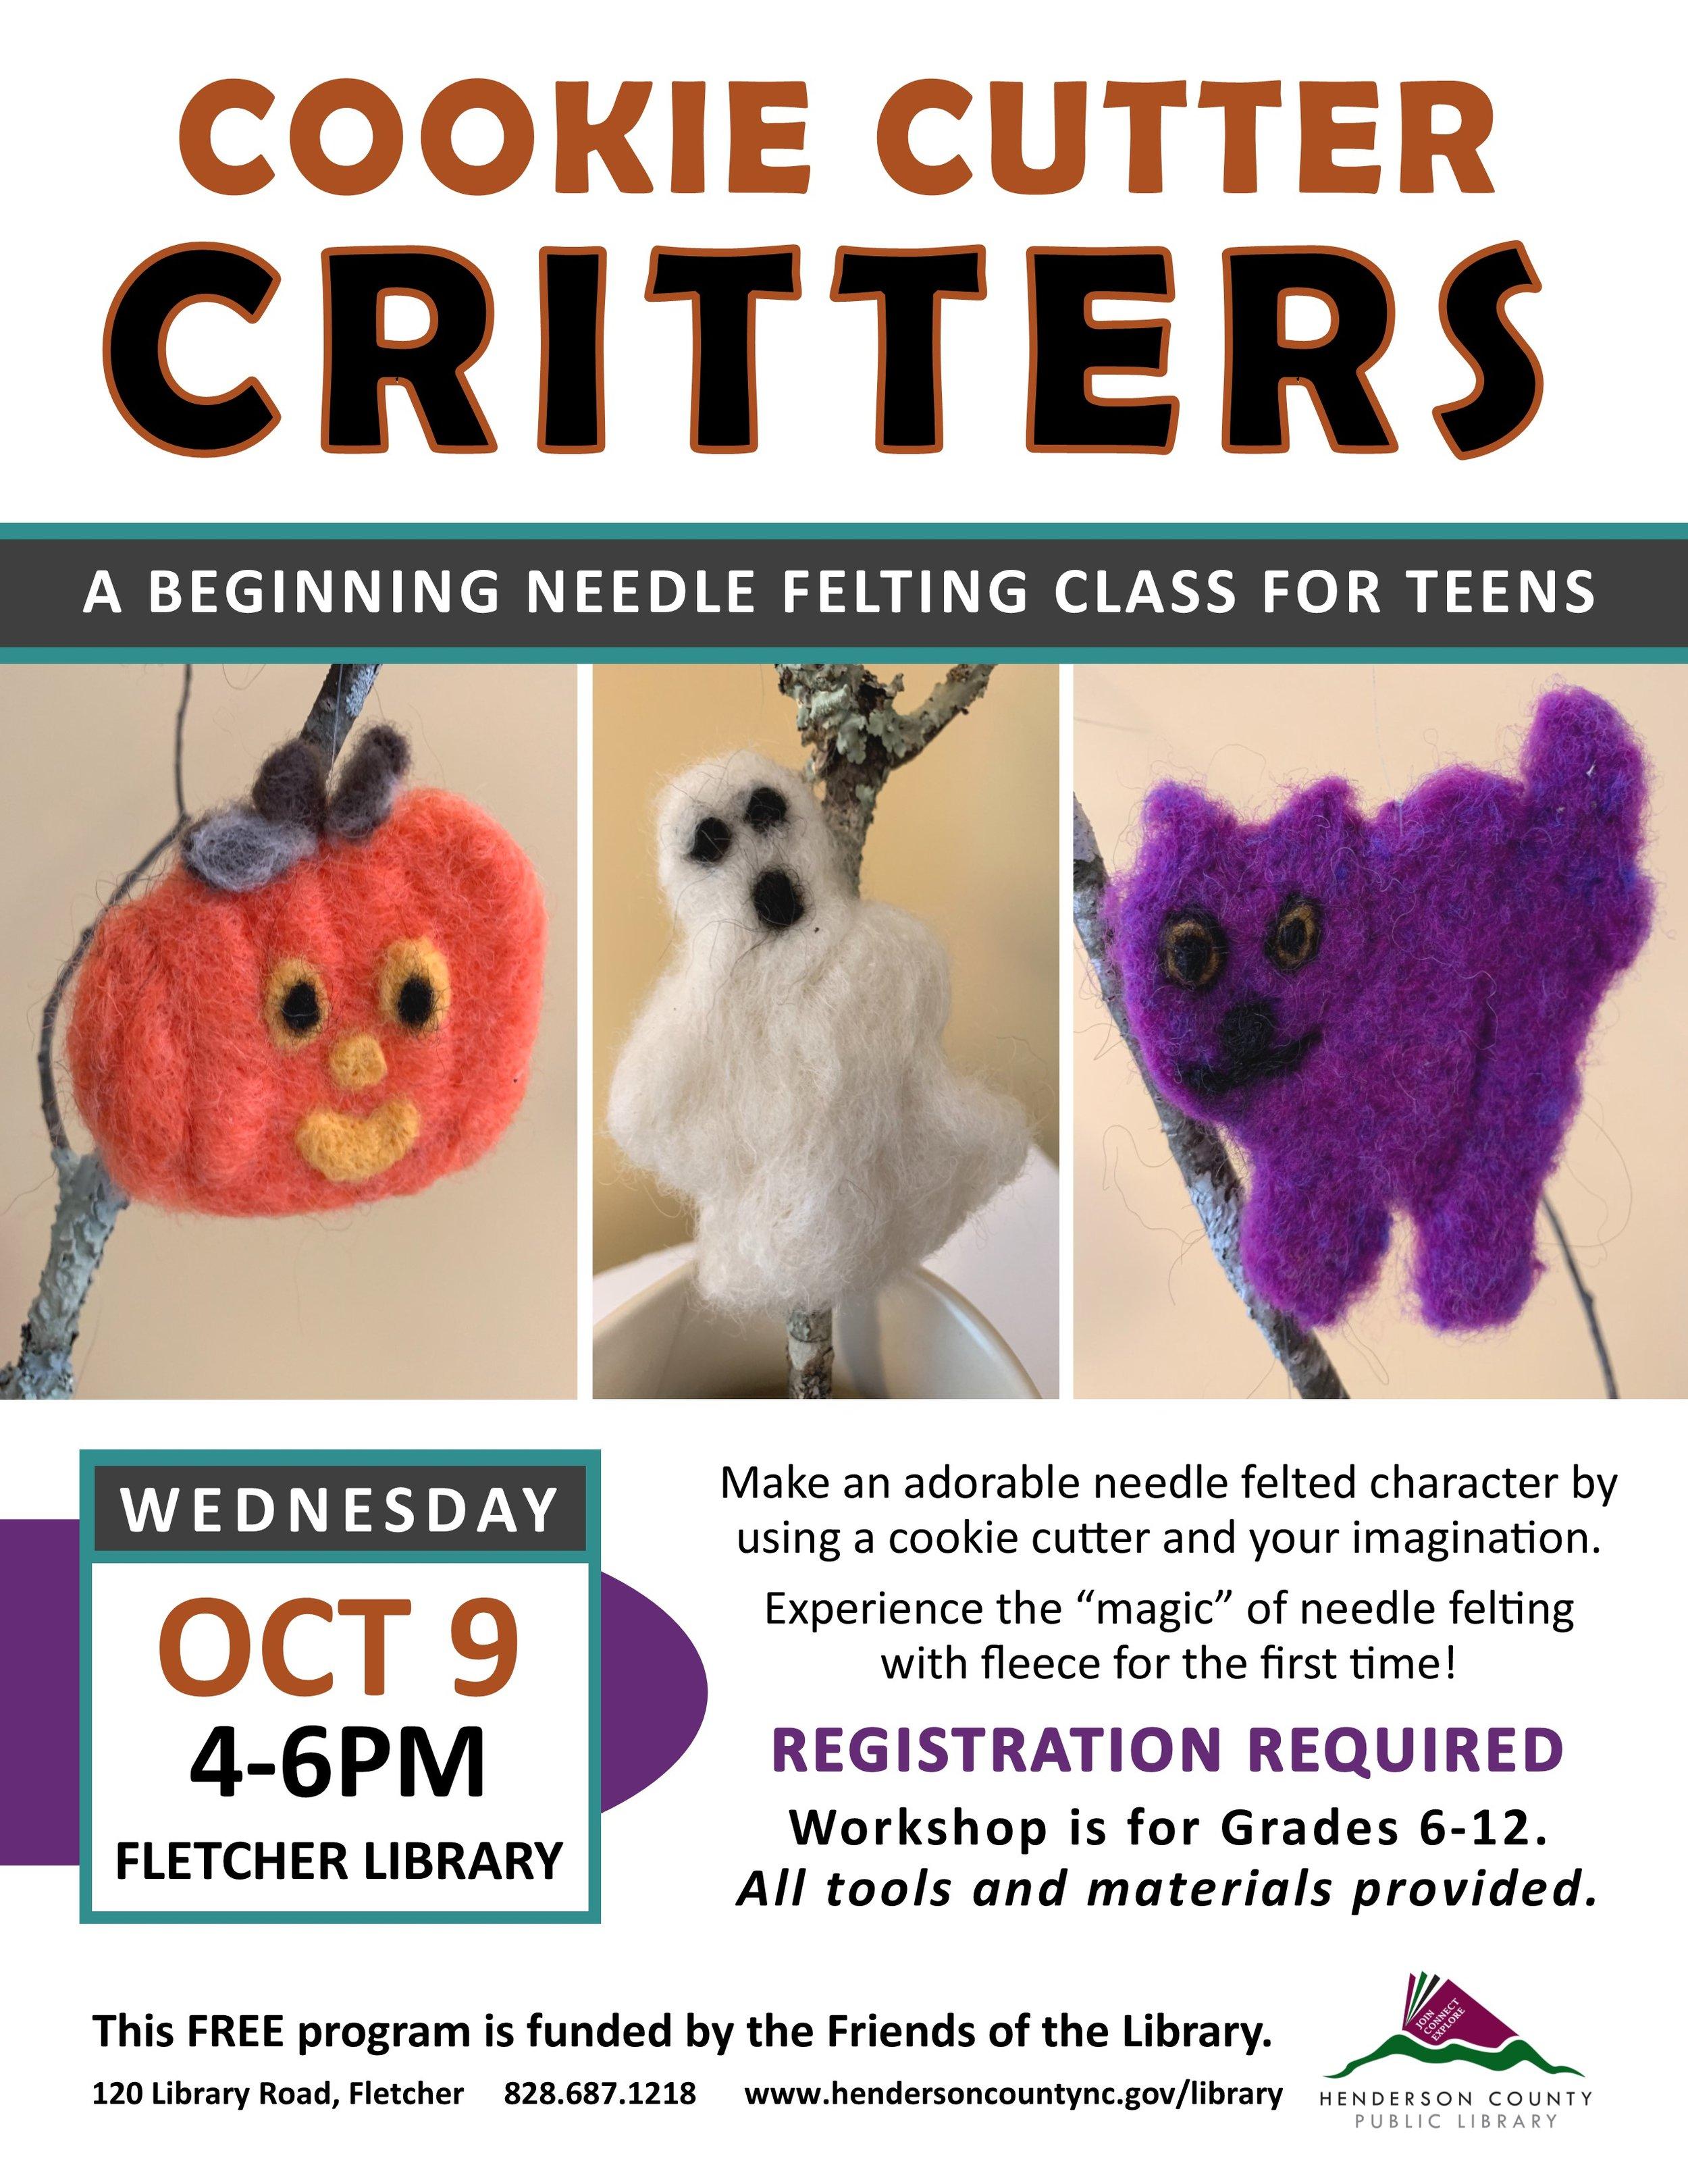 FL- Cookie Cutter Critters Beginning Needle Felting Class for Teens.jpg